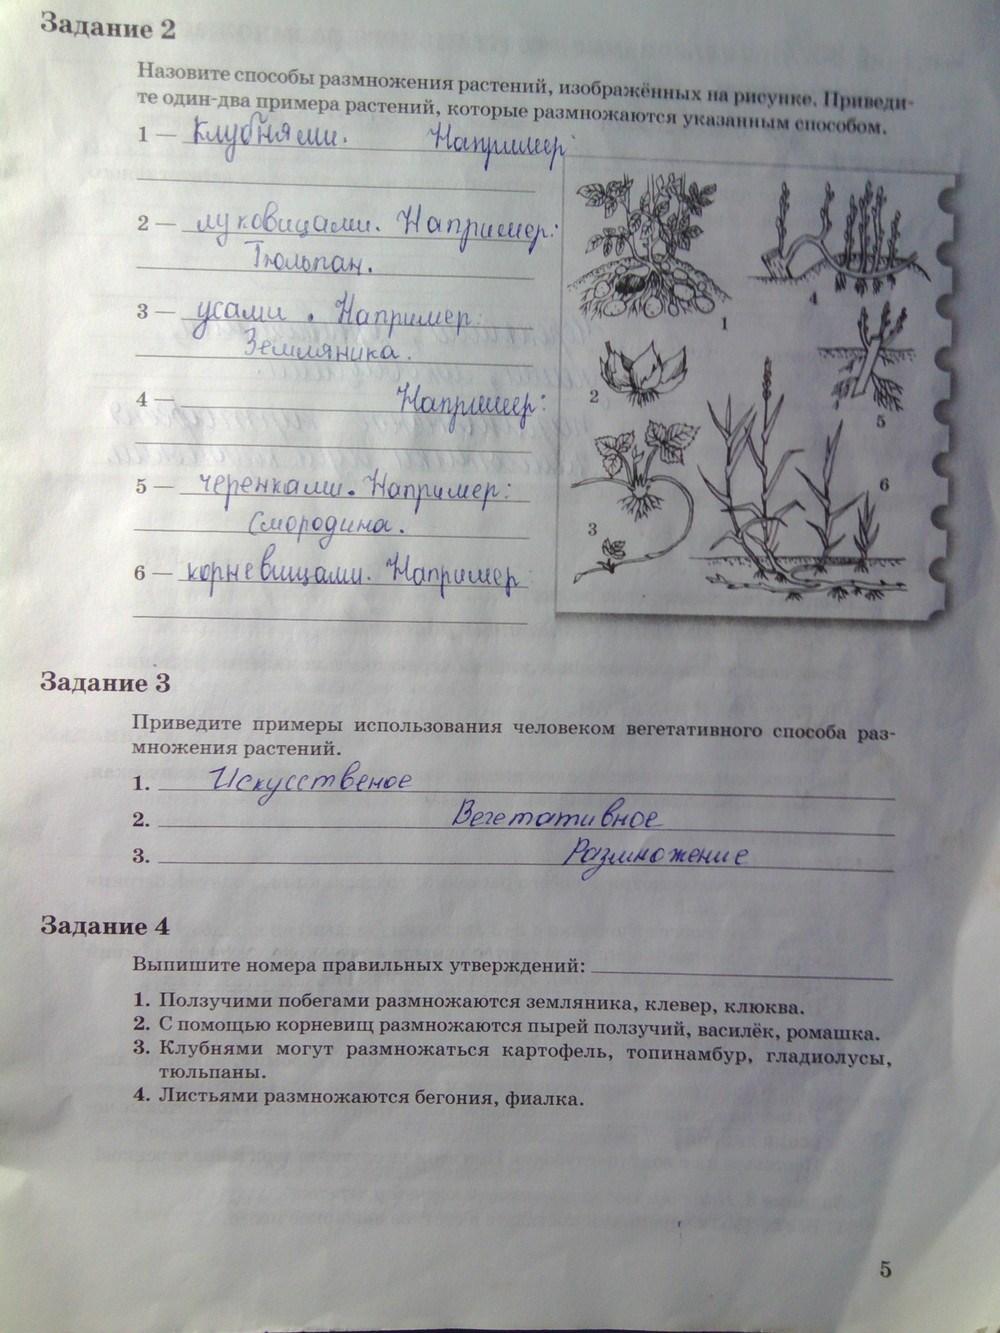 пономарев биологии тетрадь корнилов 6класса рабочая гдз часть по 2